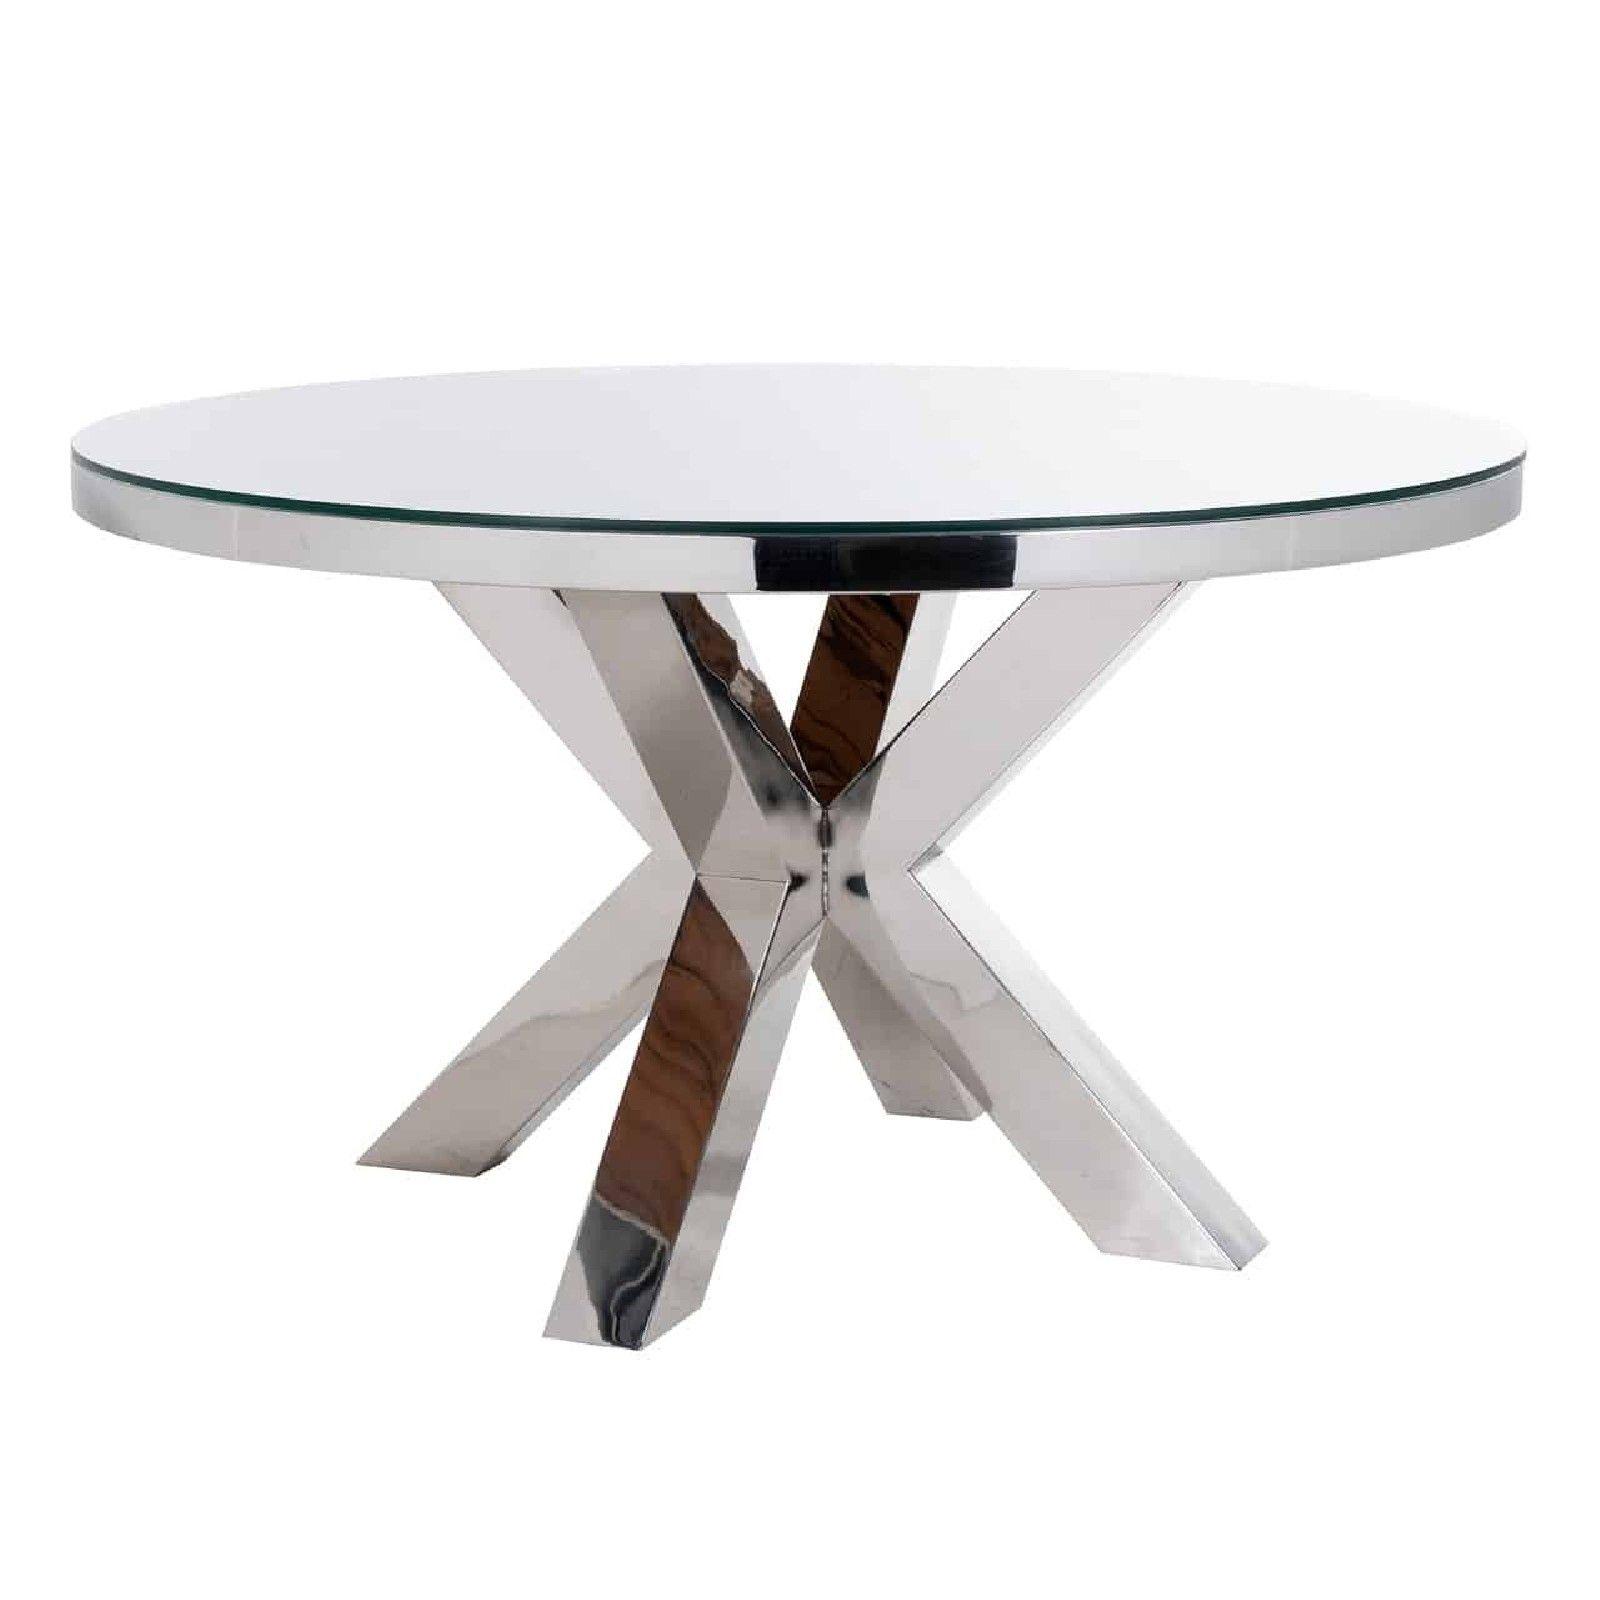 Table à dîner Kensington round 140Ø incl. verre Meuble Déco Tendance - 3